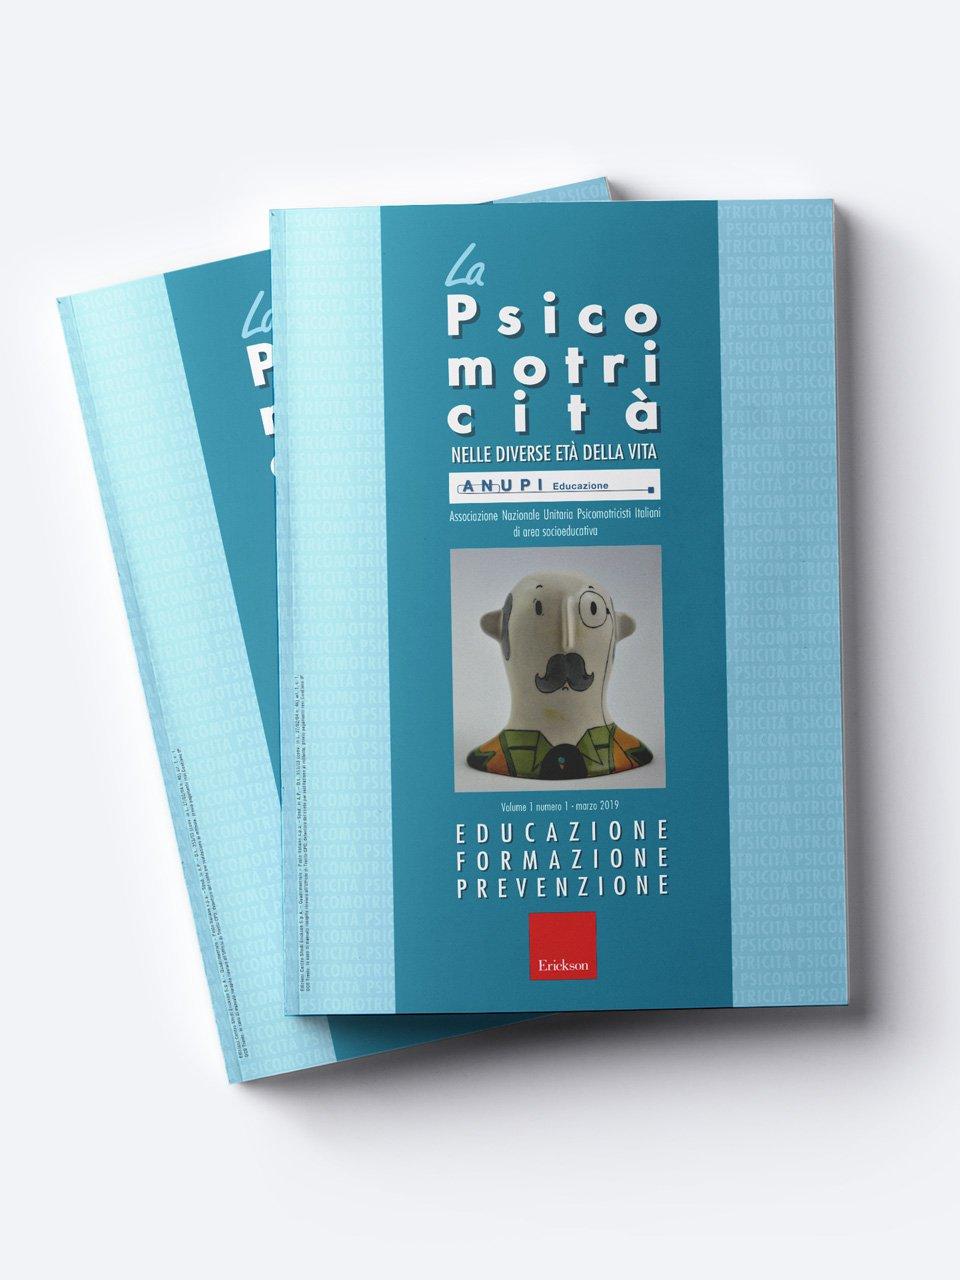 La Psicomotricità nelle diverse età della vita - Un mondo possibile - Libri - Erickson